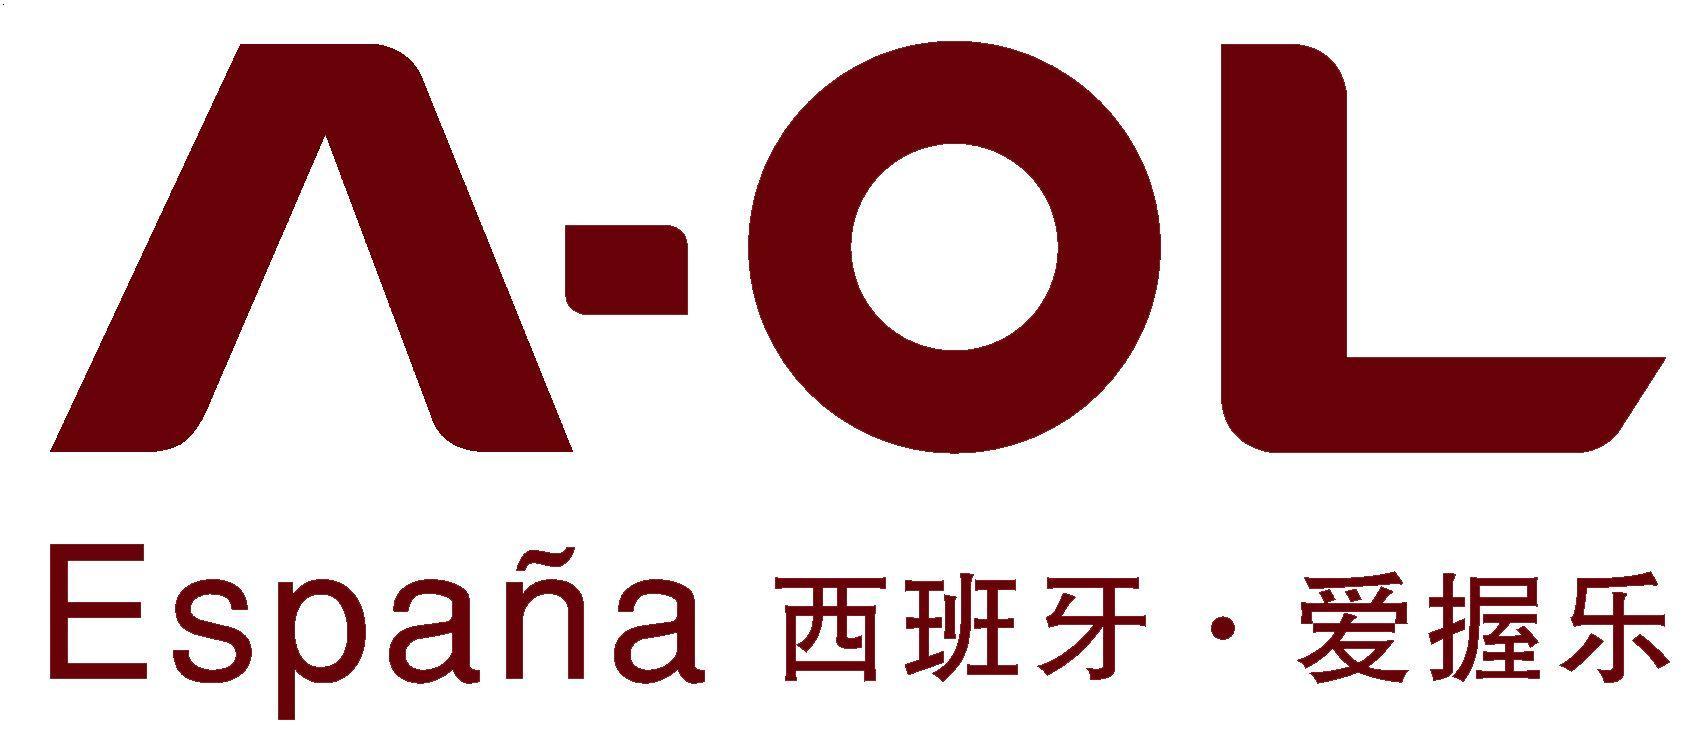 空气能热水器__宁波爱握乐新能源科技有限公司-必途